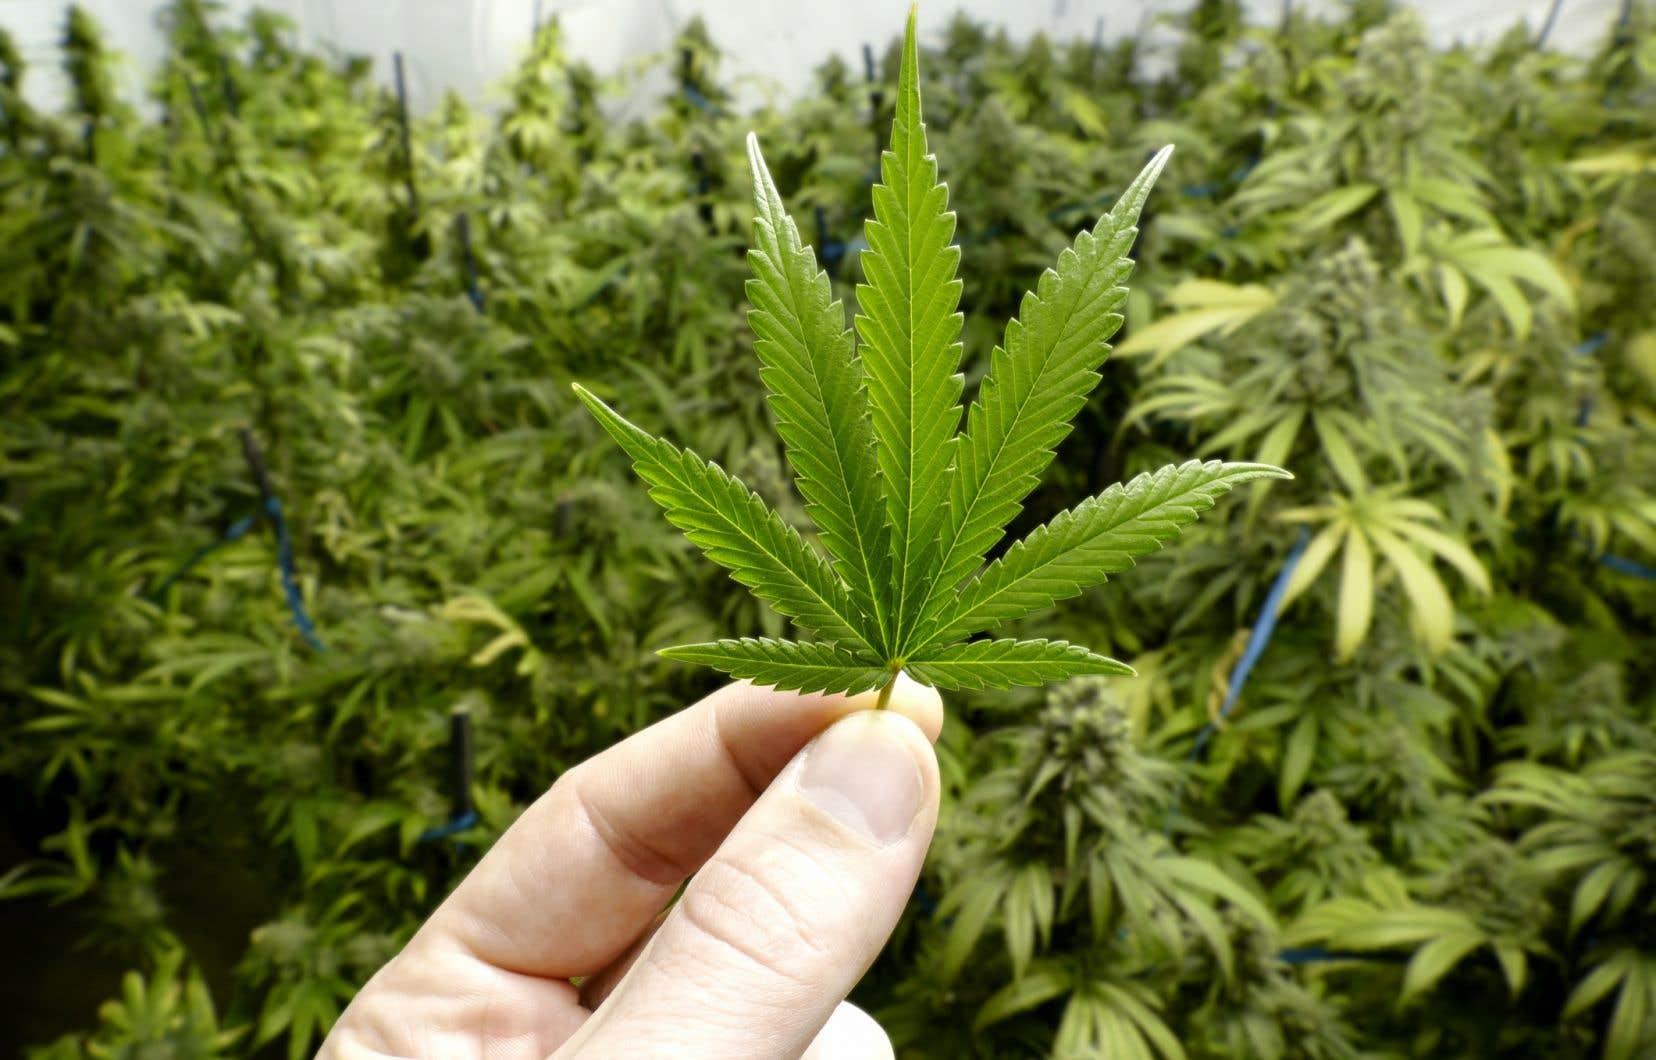 Alors que le projet de loi fédéral permettrait de faire pousser jusqu'à quatre plants par foyer, le projet de loi québécois l'interdirait.